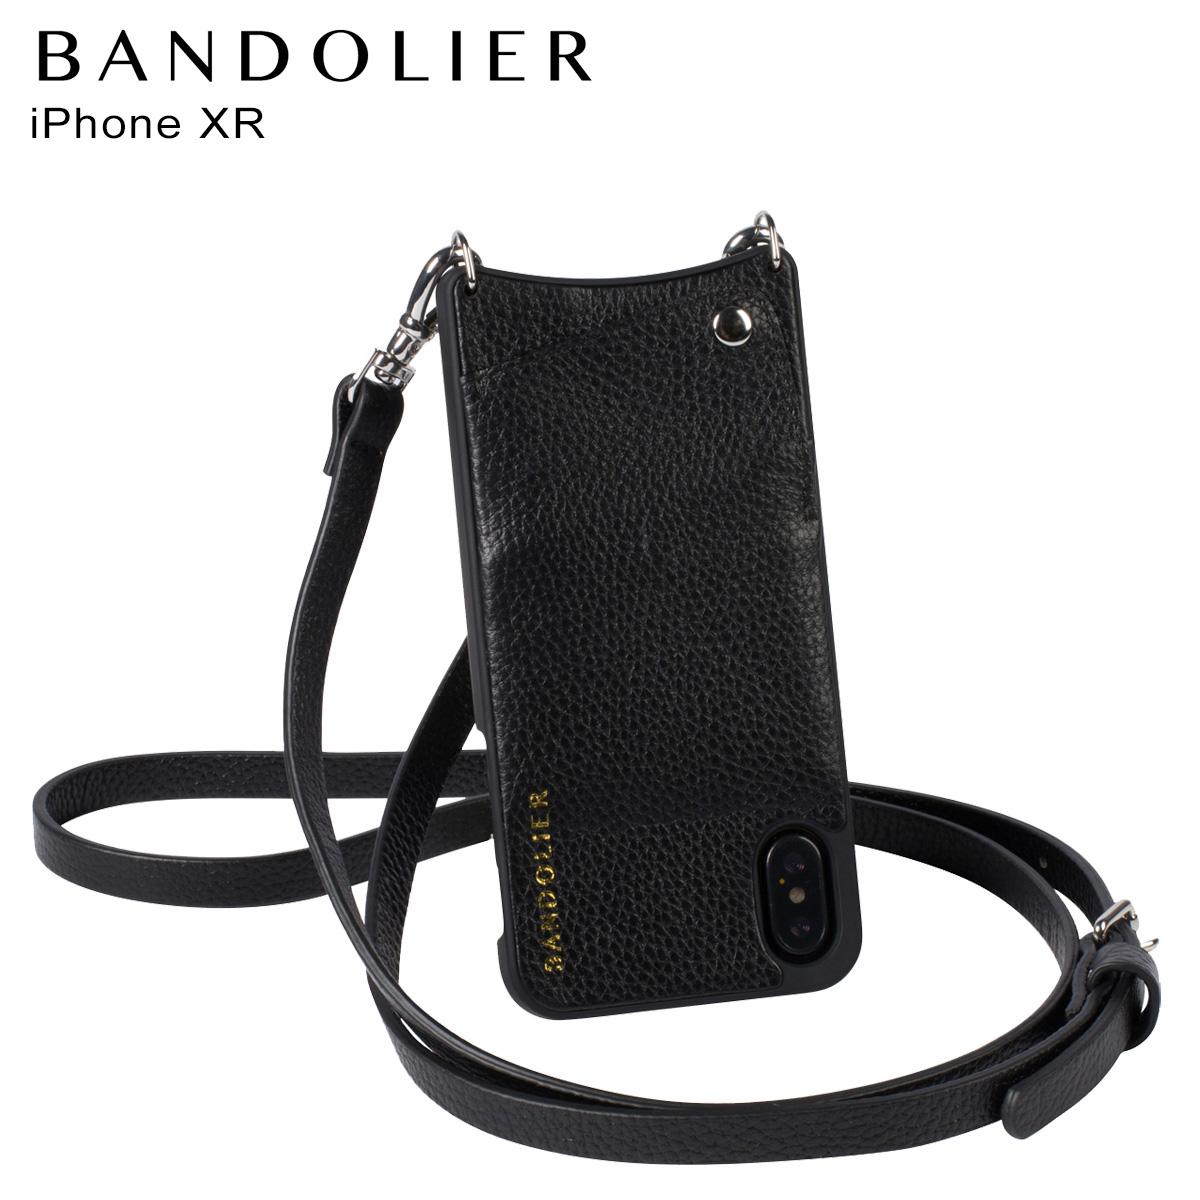 バンドリヤー BANDOLIER iPhone XR ケース スマホ 携帯 ショルダー アイフォン レザー EMMA SILVER メンズ レディース ブラック 10EMM1001